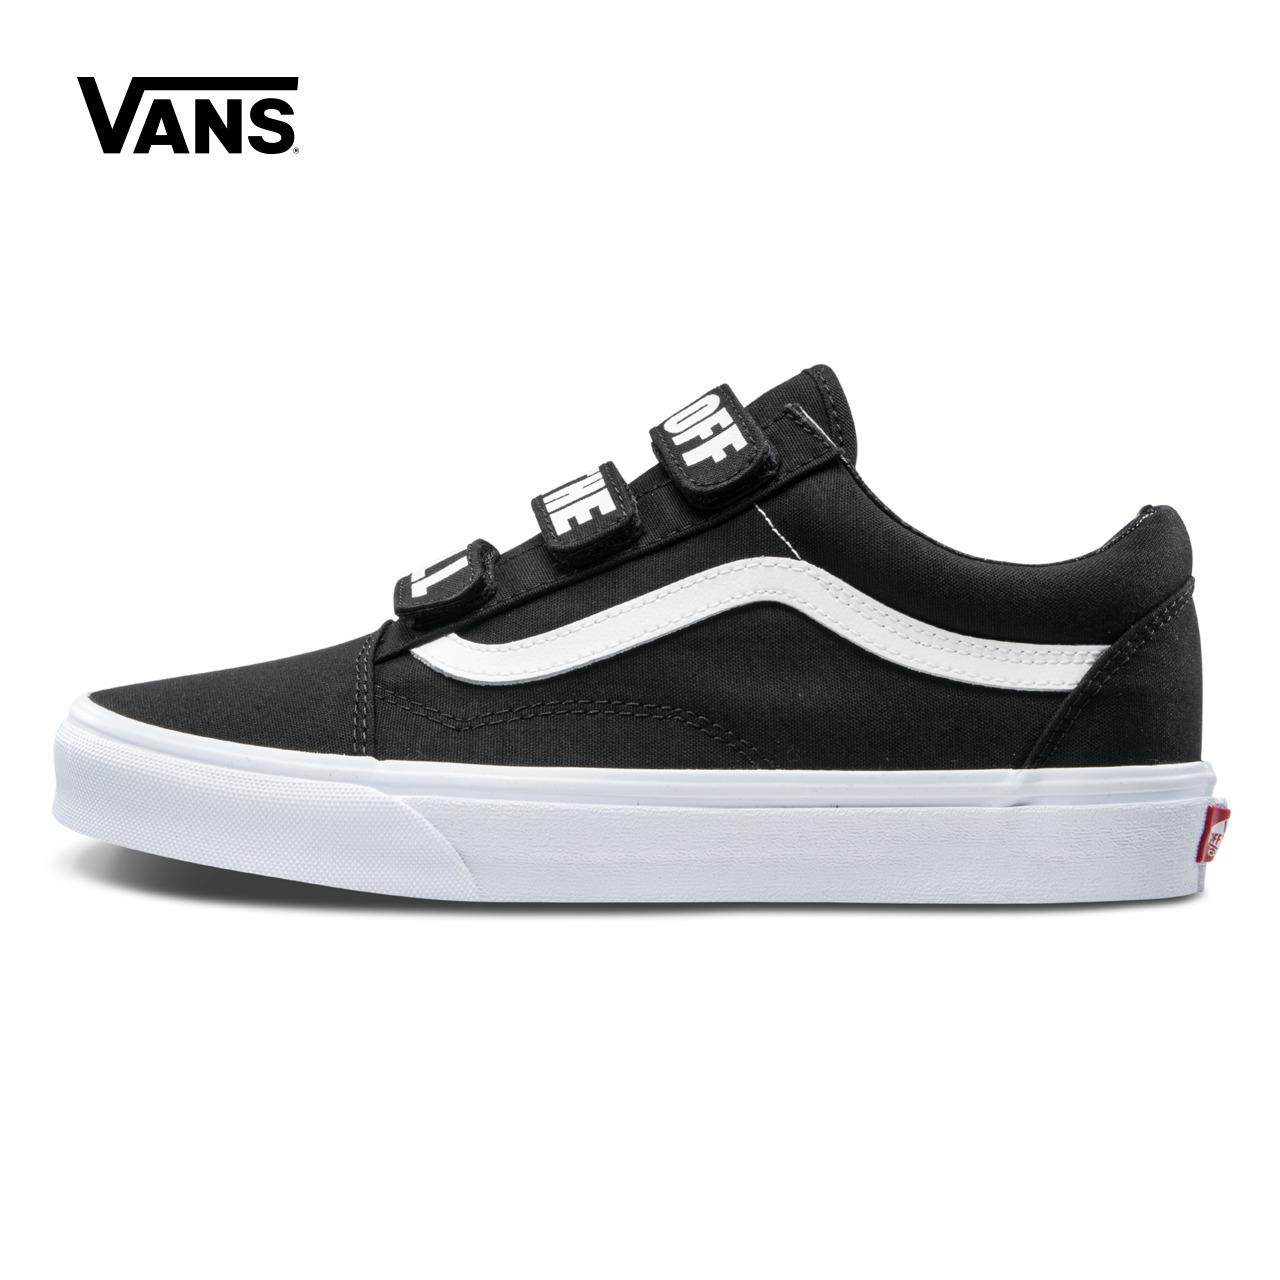 Vans/ модель этот весна черный / белый из денег холст обувь  VN0A3D29R2P/R2Q